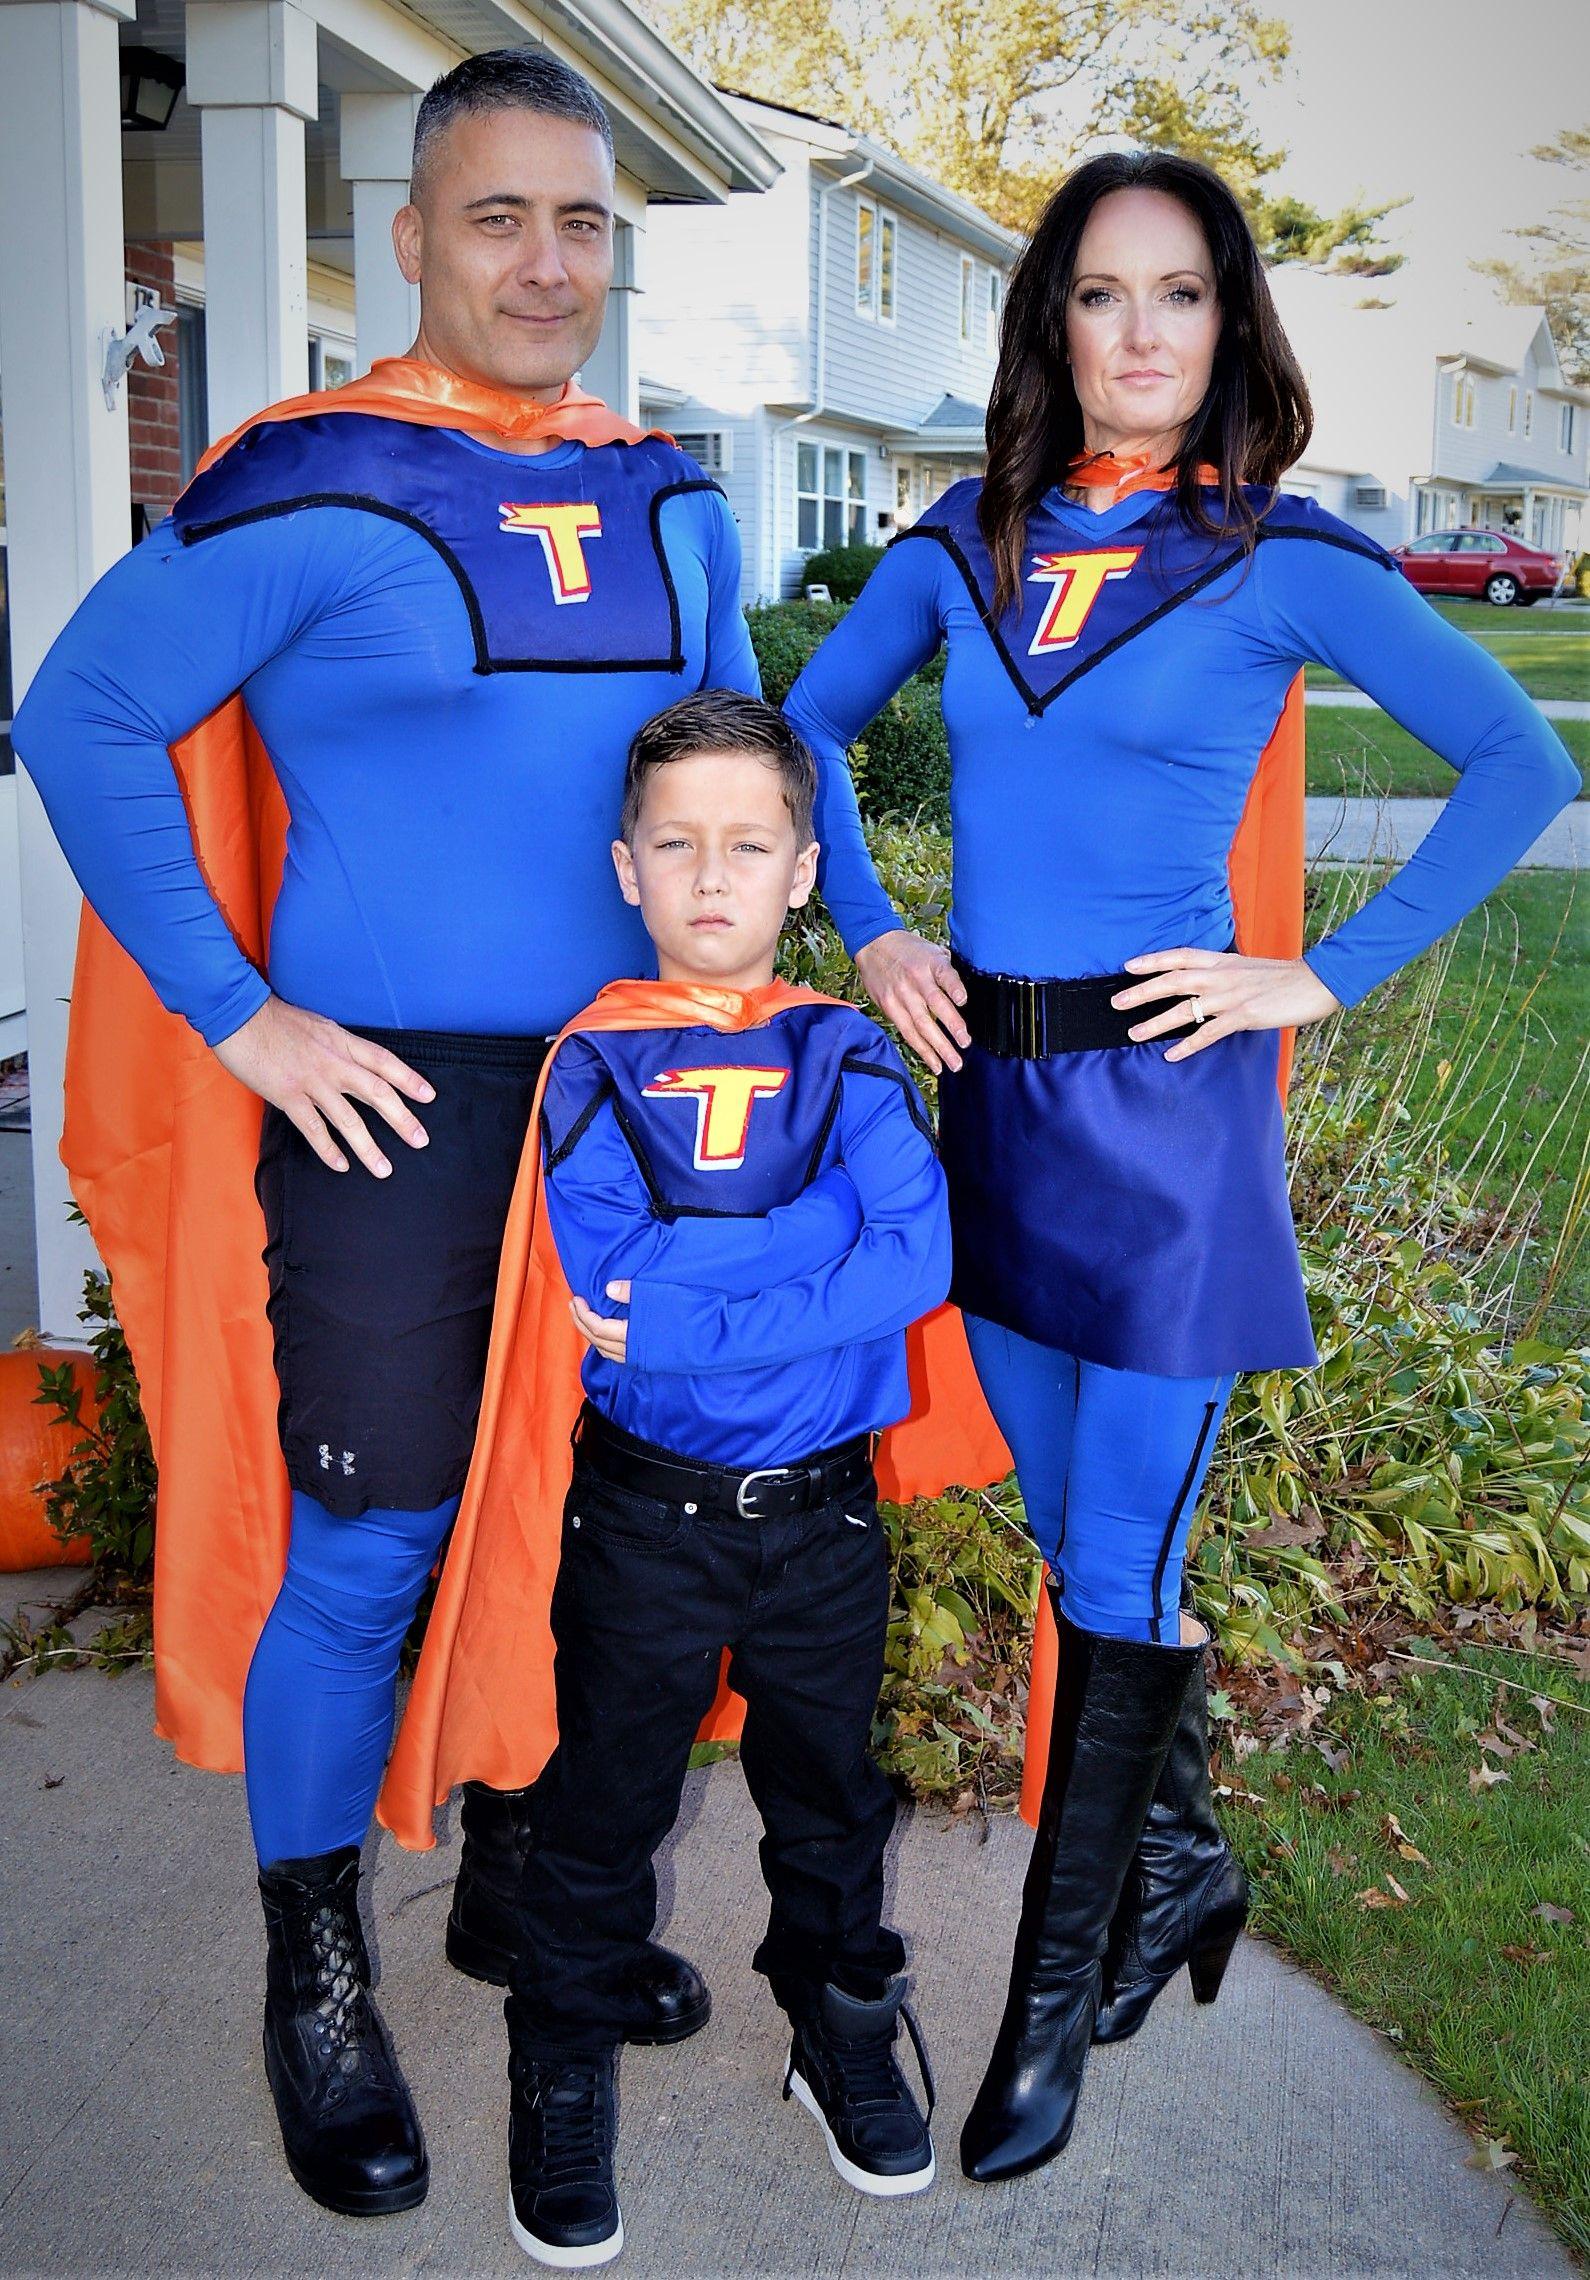 Kostuum Kopen Halloween.The Thundermans Costume Diy Dingen Om Te Kopen In 2019